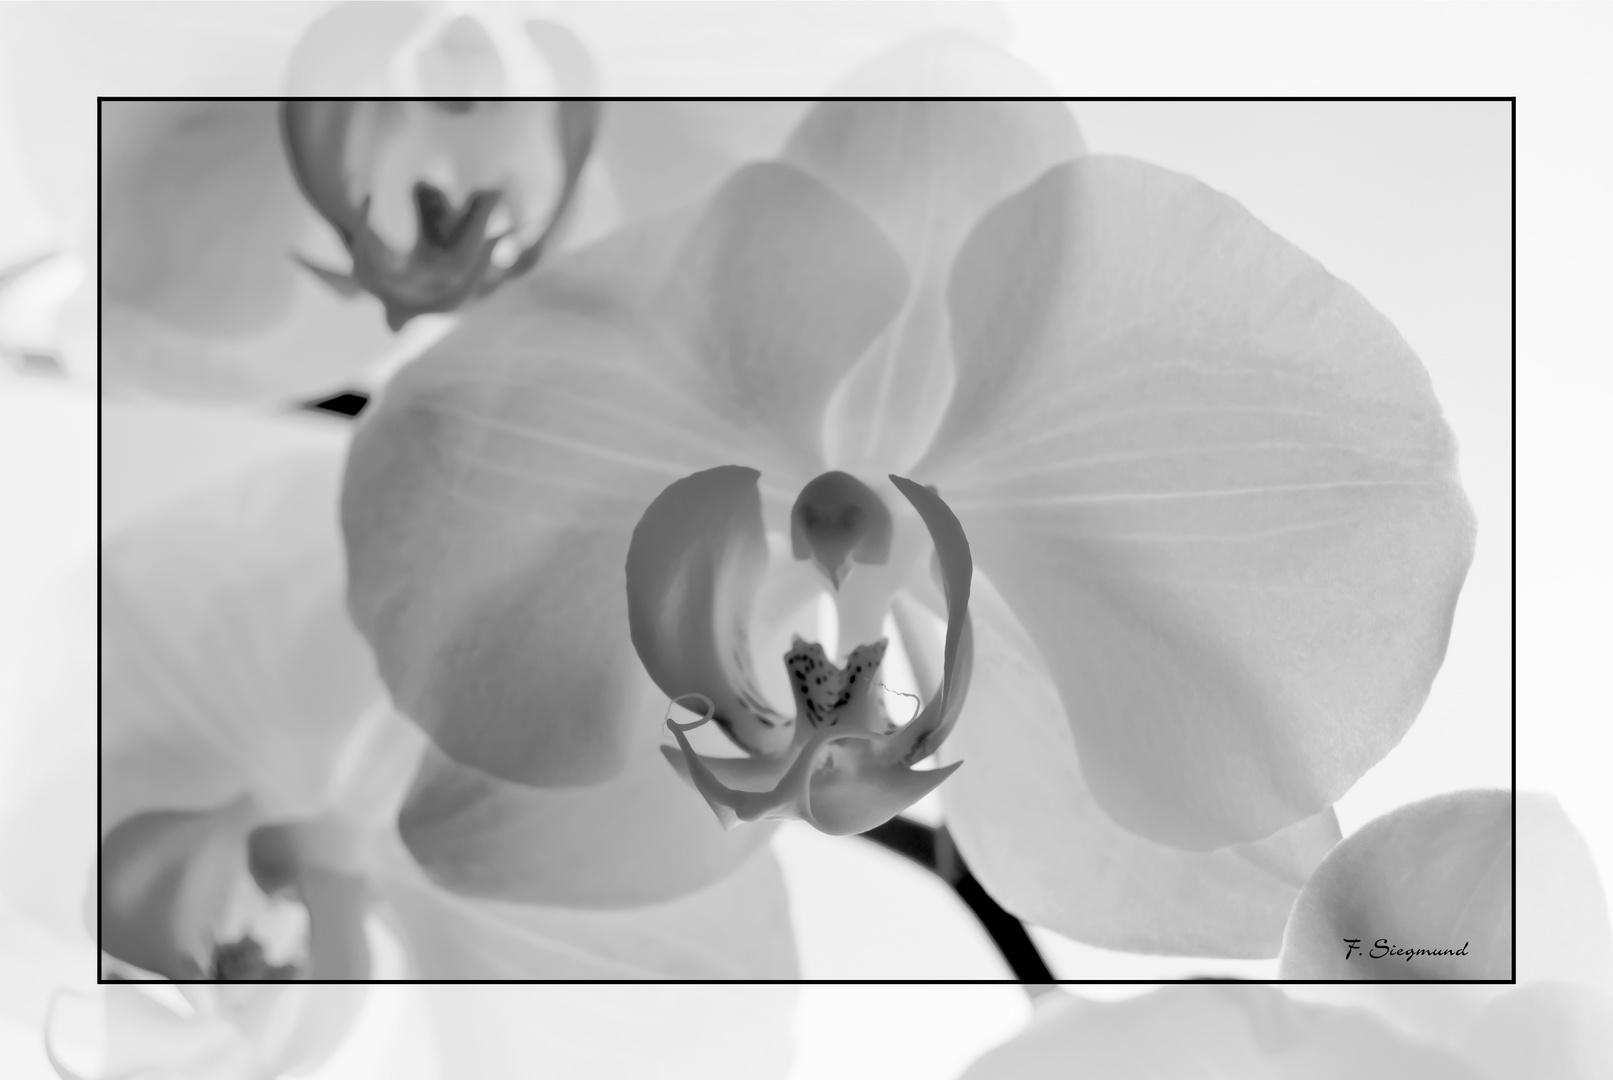 orchideen schwarz wei foto bild pflanzen pilze flechten bl ten kleinpflanzen. Black Bedroom Furniture Sets. Home Design Ideas